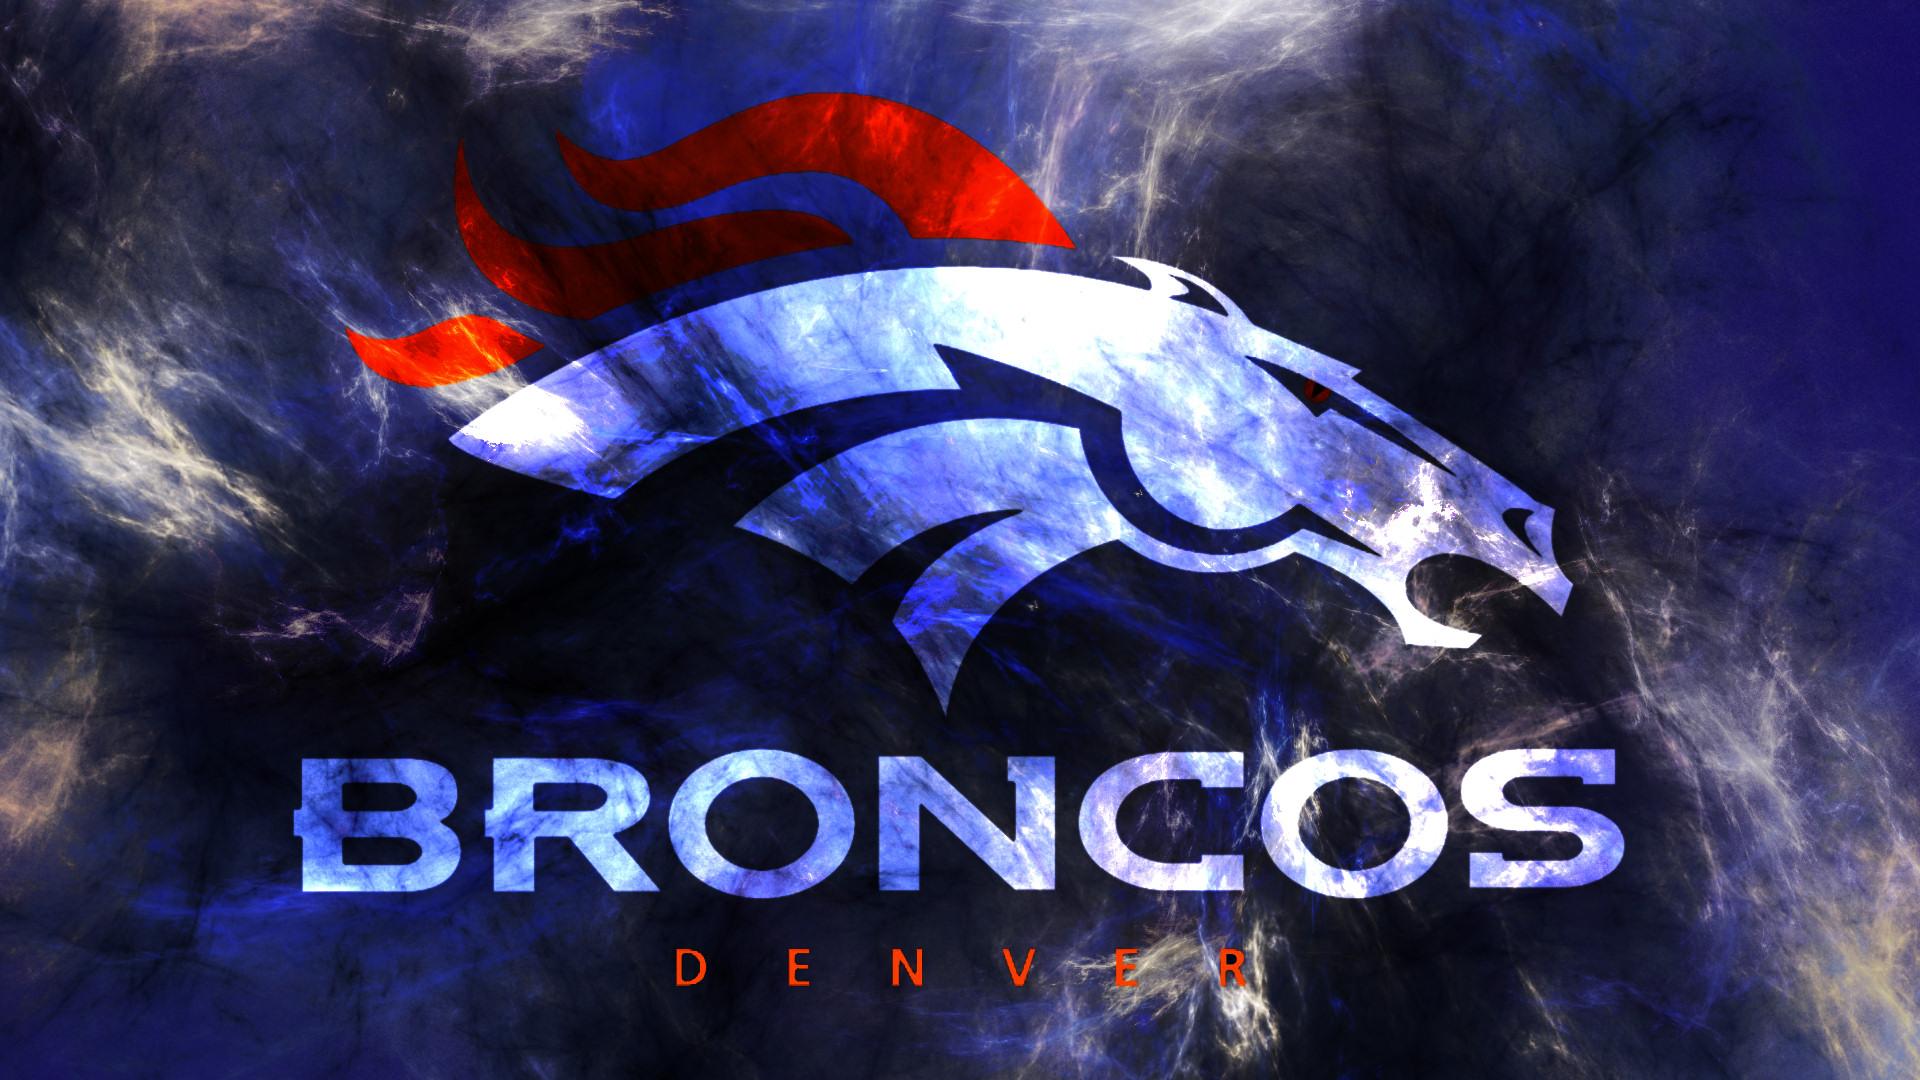 Denver Broncos wallpaper background